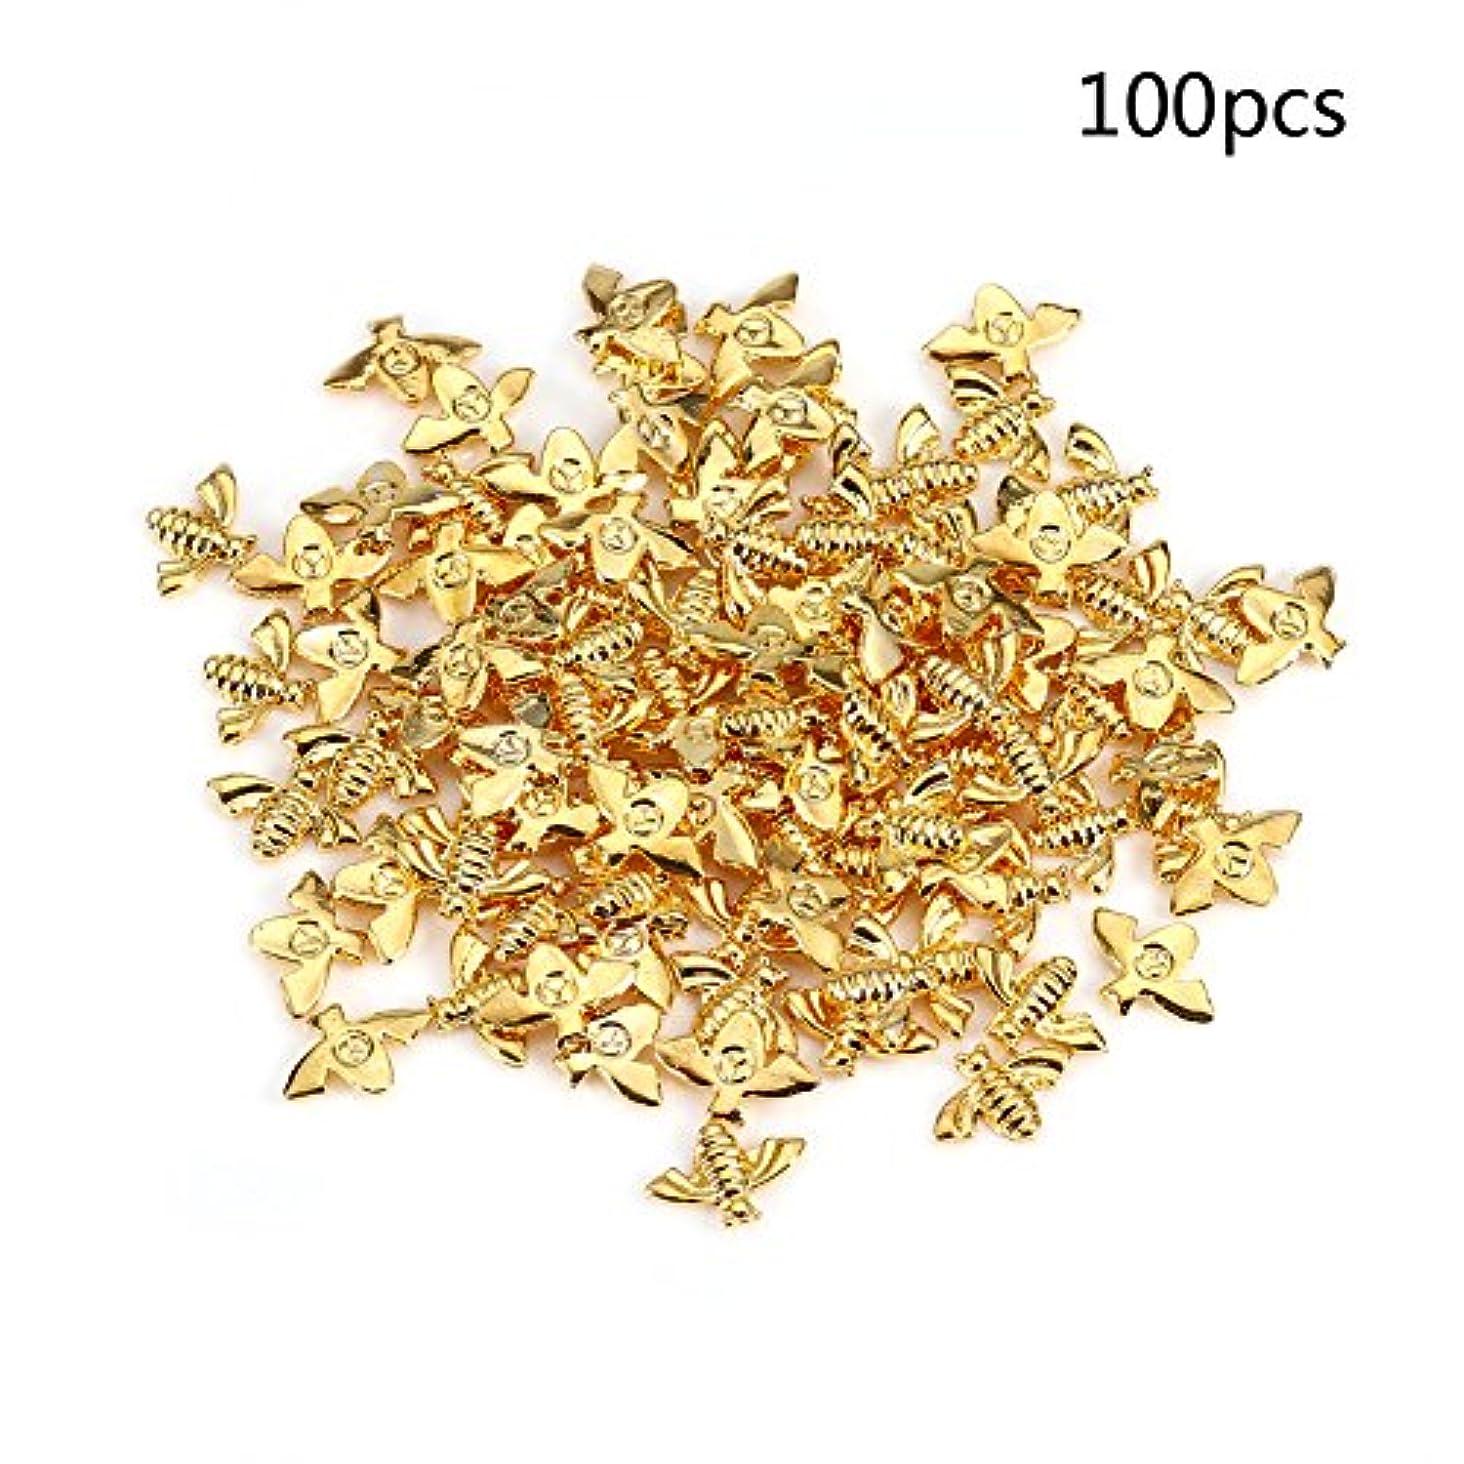 インタネットを見る無意識本物メタルネイルデコレーション 2色100pcs / bag金属蜂3Dネイルデコレーションメタルスティックゴールドシルバーネイルデカールマニキュア (ゴールド)